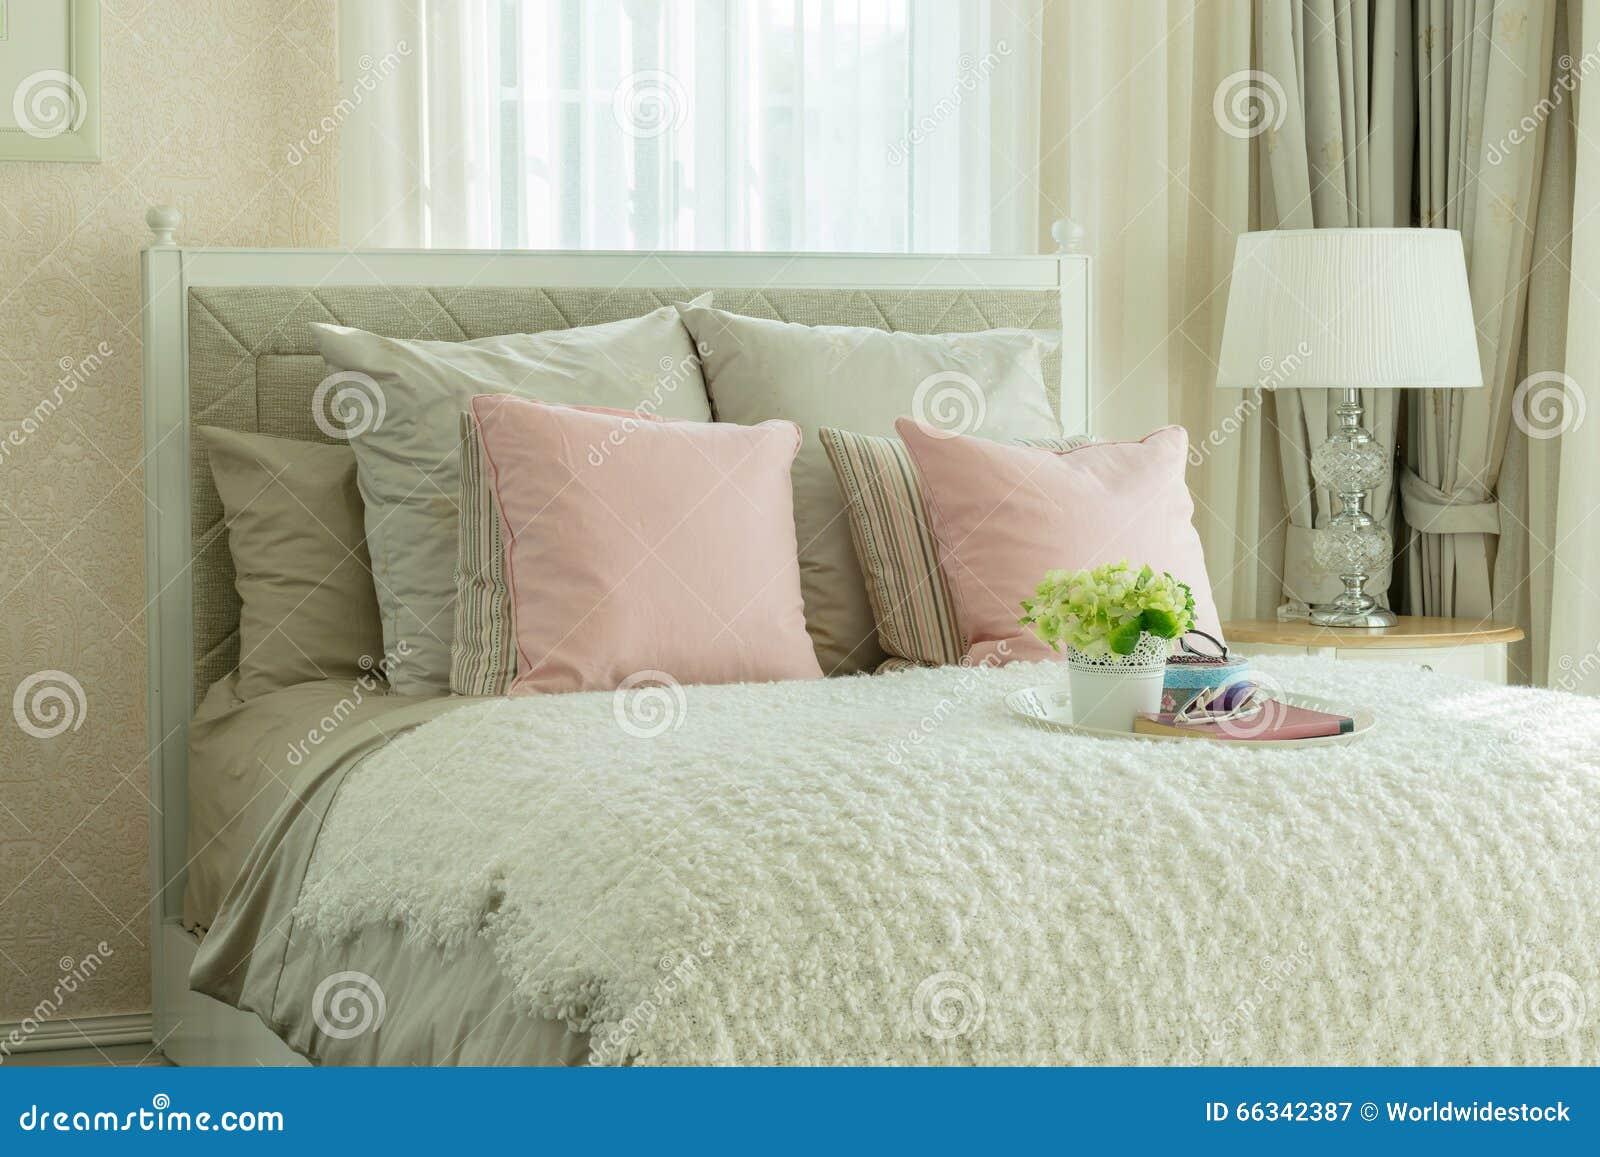 Camera da letto di lusso con i cuscini rosa ed il vassoio decorativo immagine stock immagine - Letto con cuscini ...